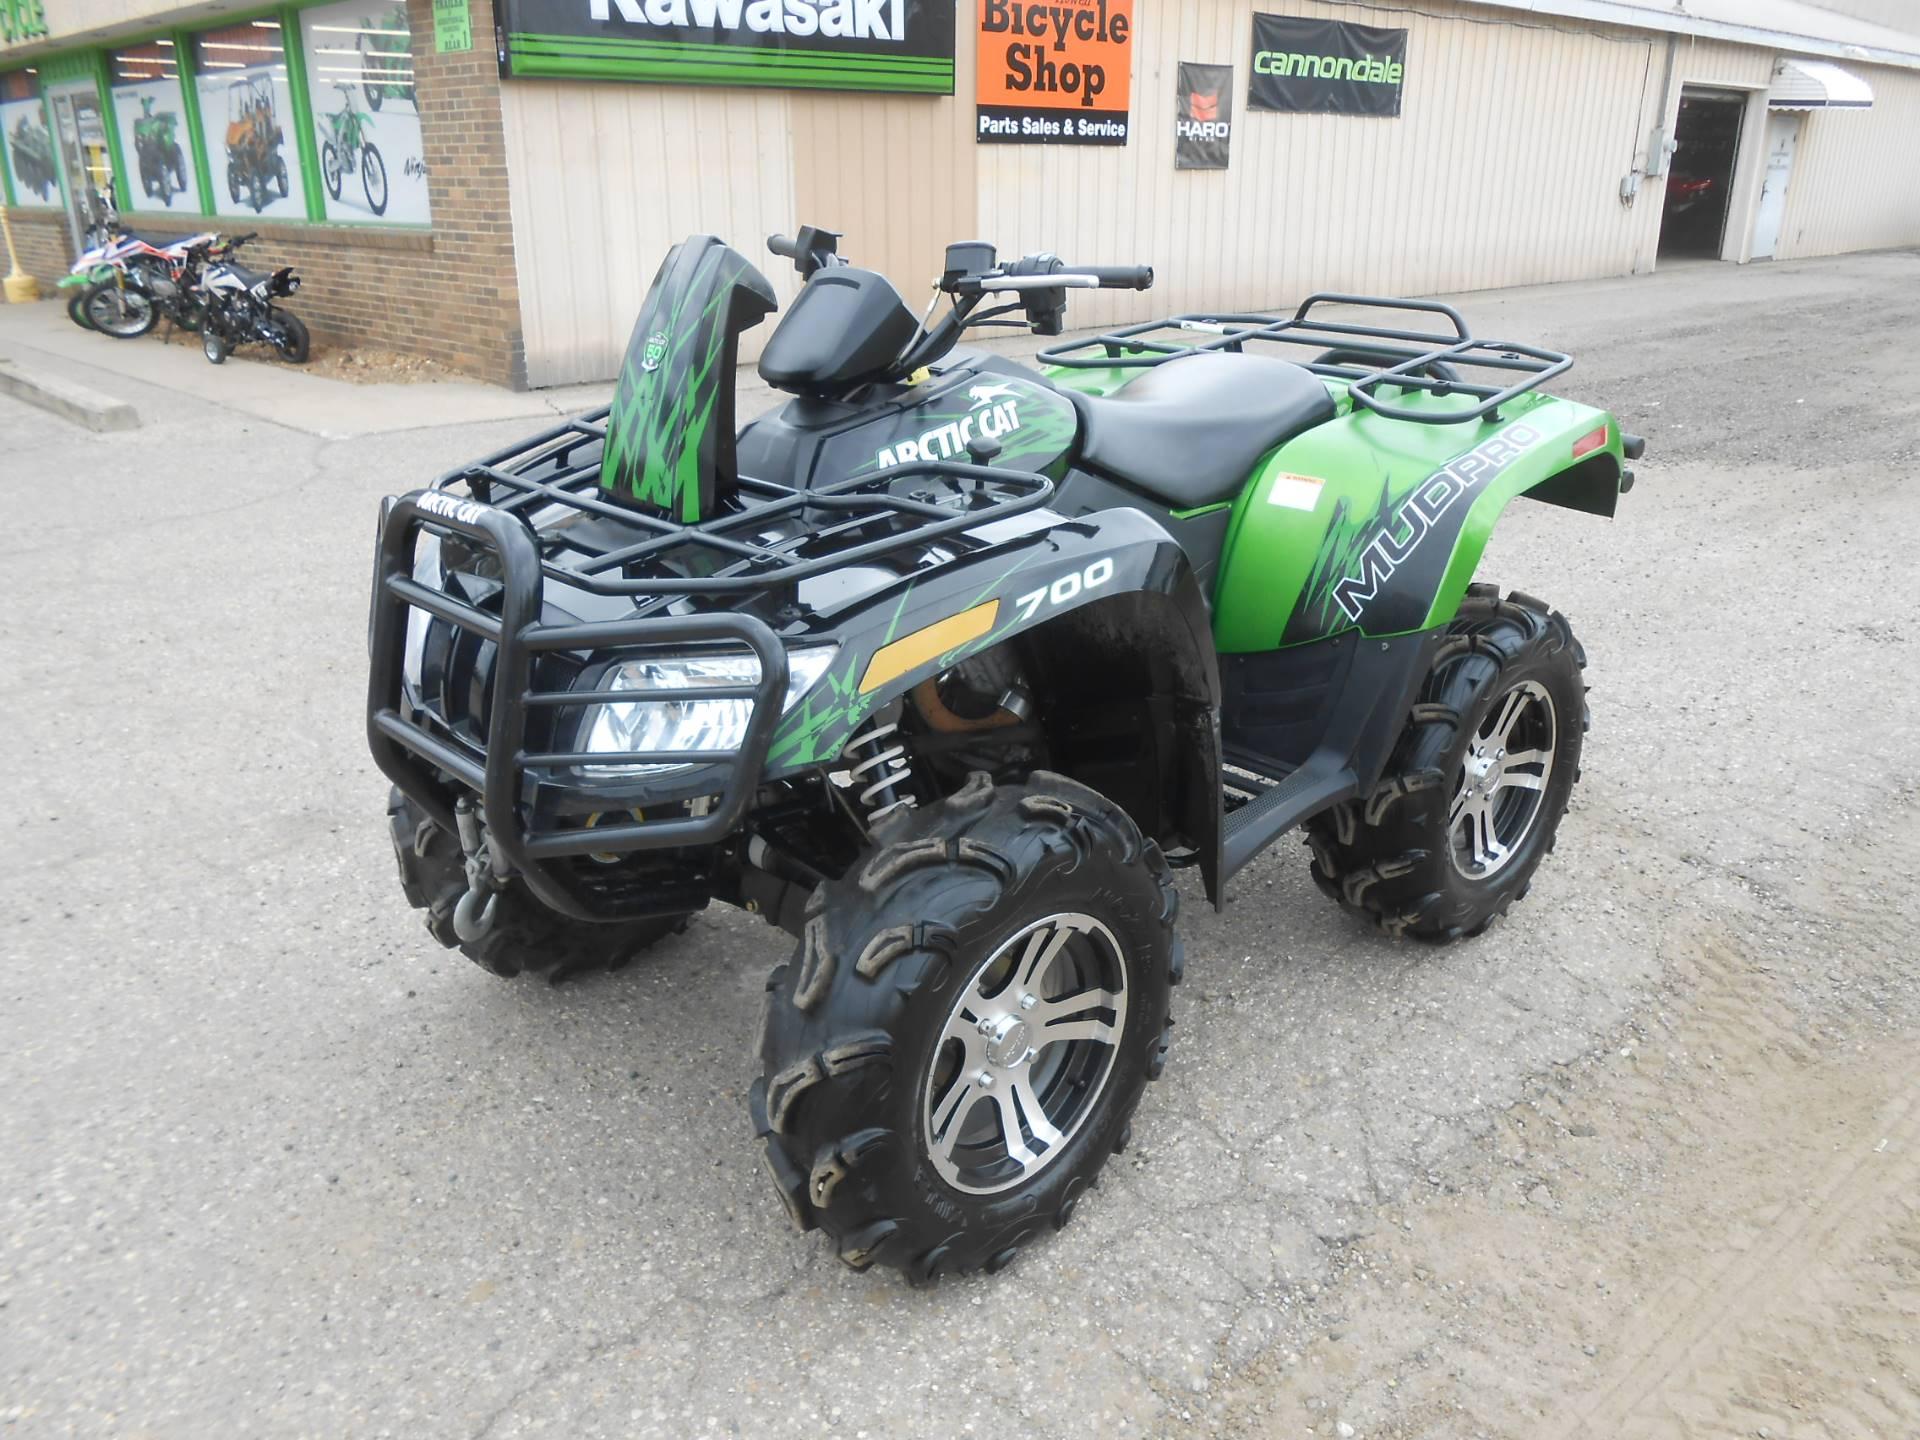 2012 MudPro 700i Limited